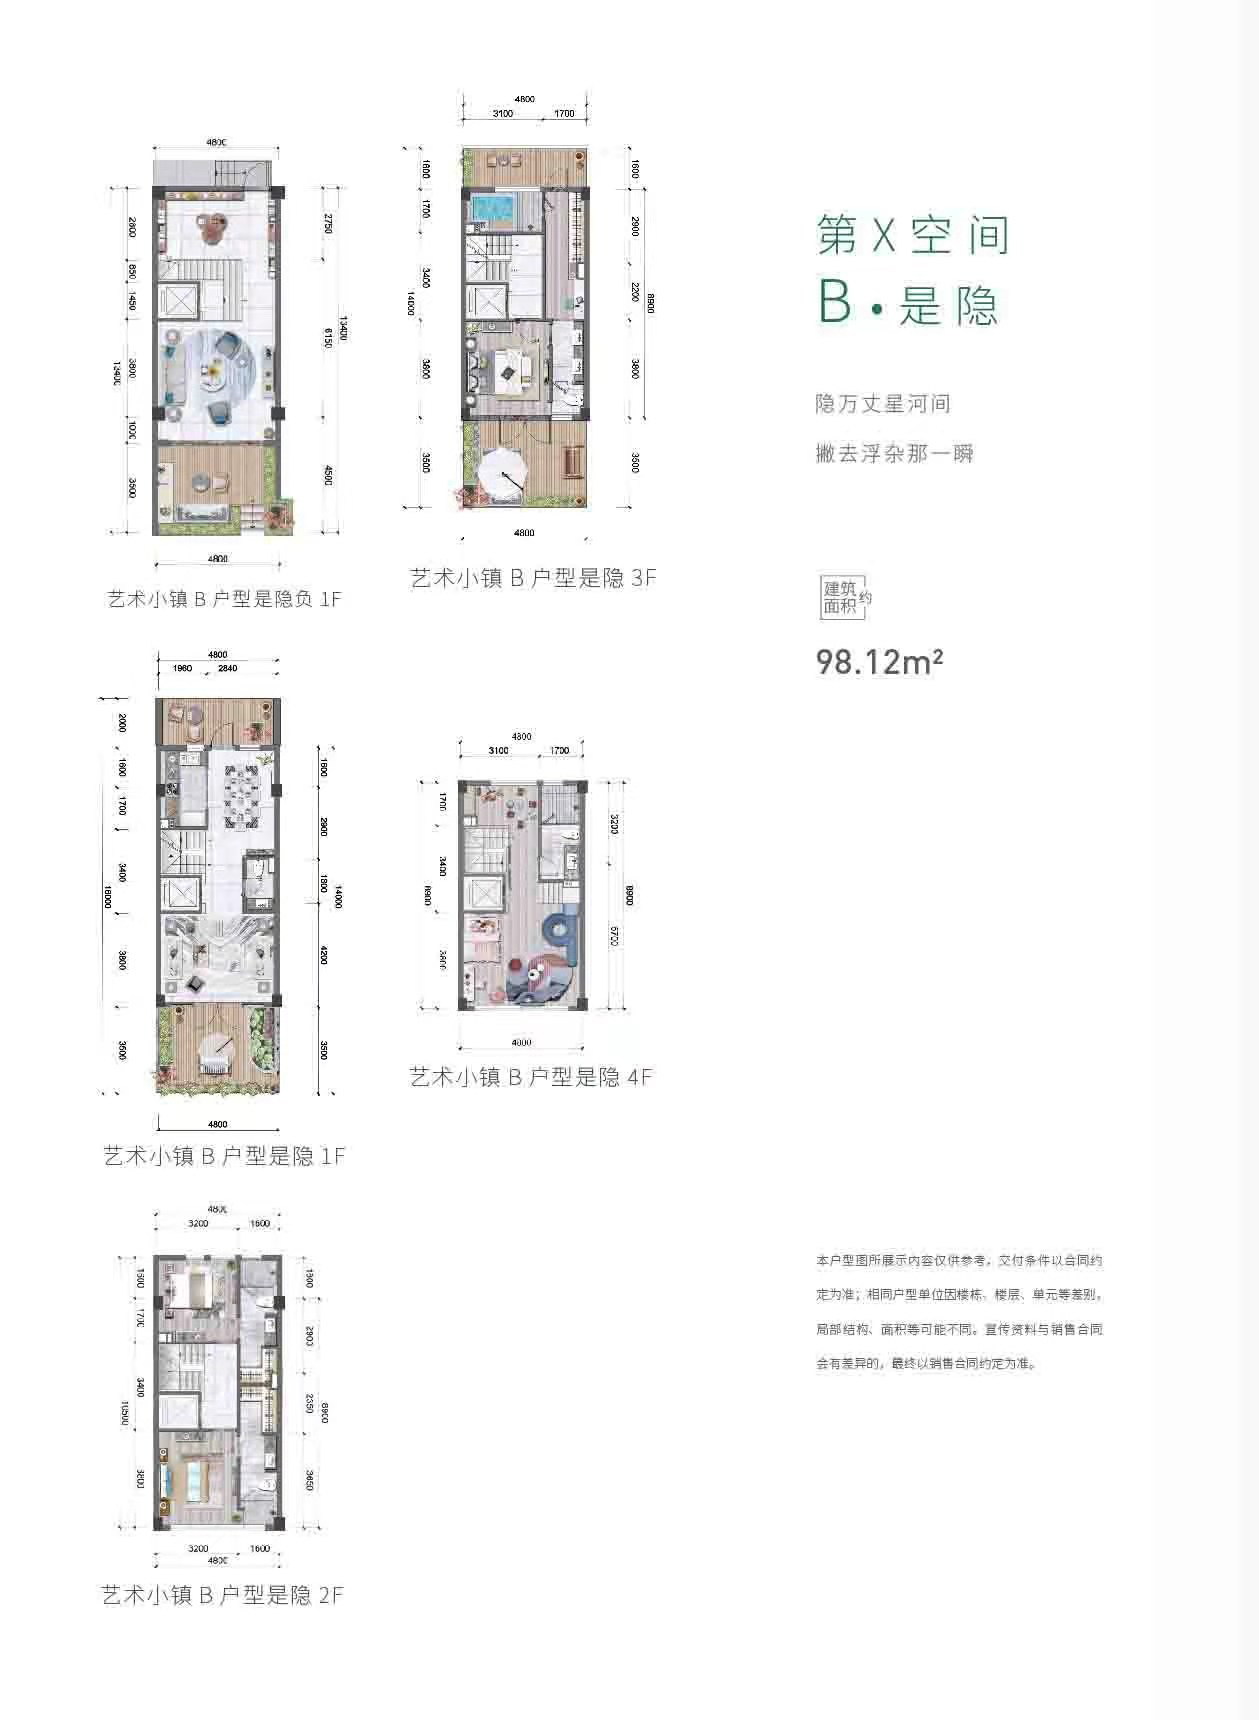 艺术小镇 第X空间B户型 建面98.12㎡